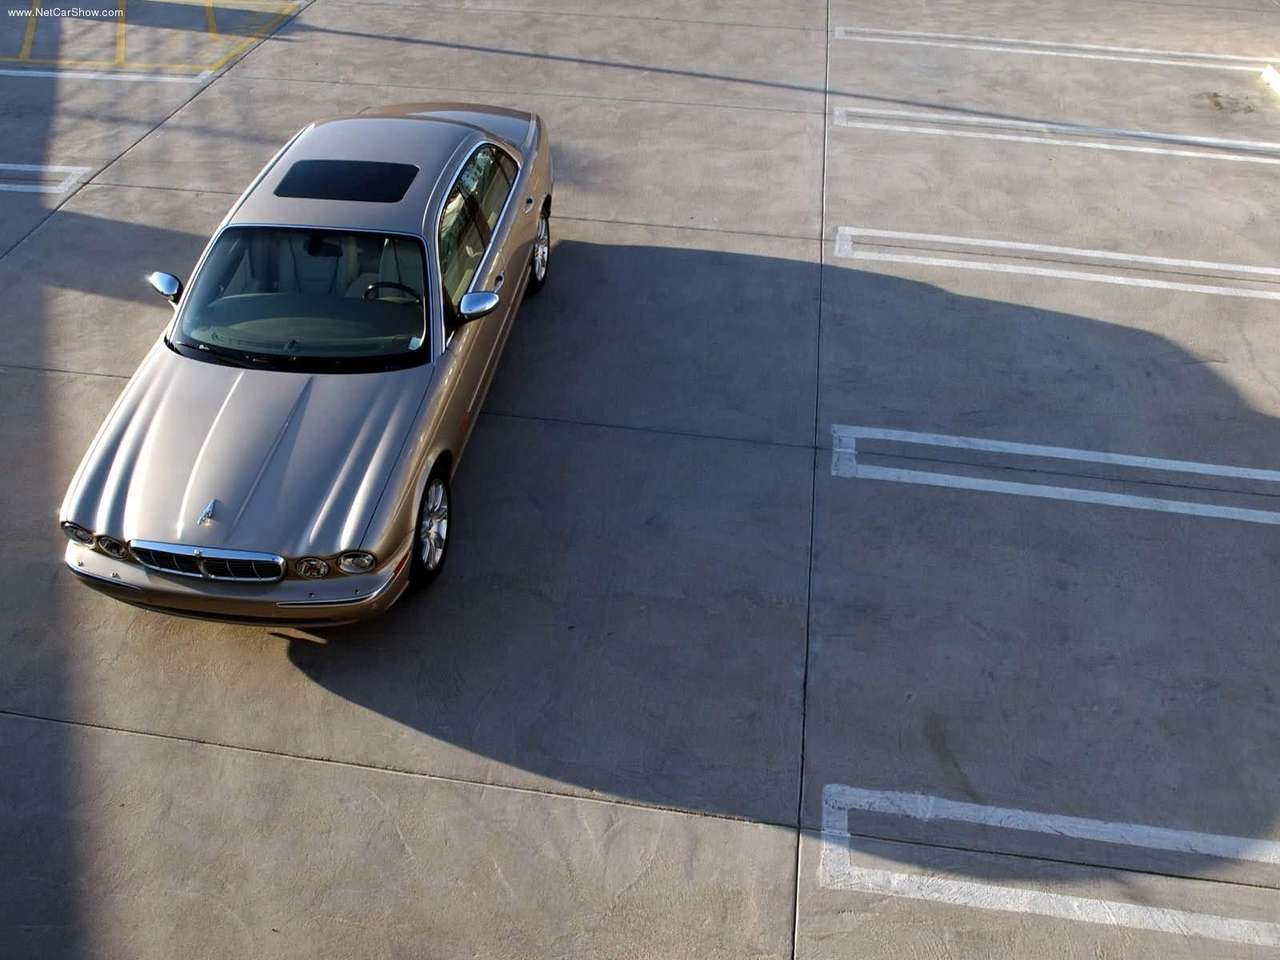 http://2.bp.blogspot.com/-rfwJqUJSKaM/TZ8w64F11tI/AAAAAAAACyU/eZiIzxTzw6I/s1600/Jaguar-XJ8_Vanden_Plas_2004_1280x960_wallpaper_03.jpg